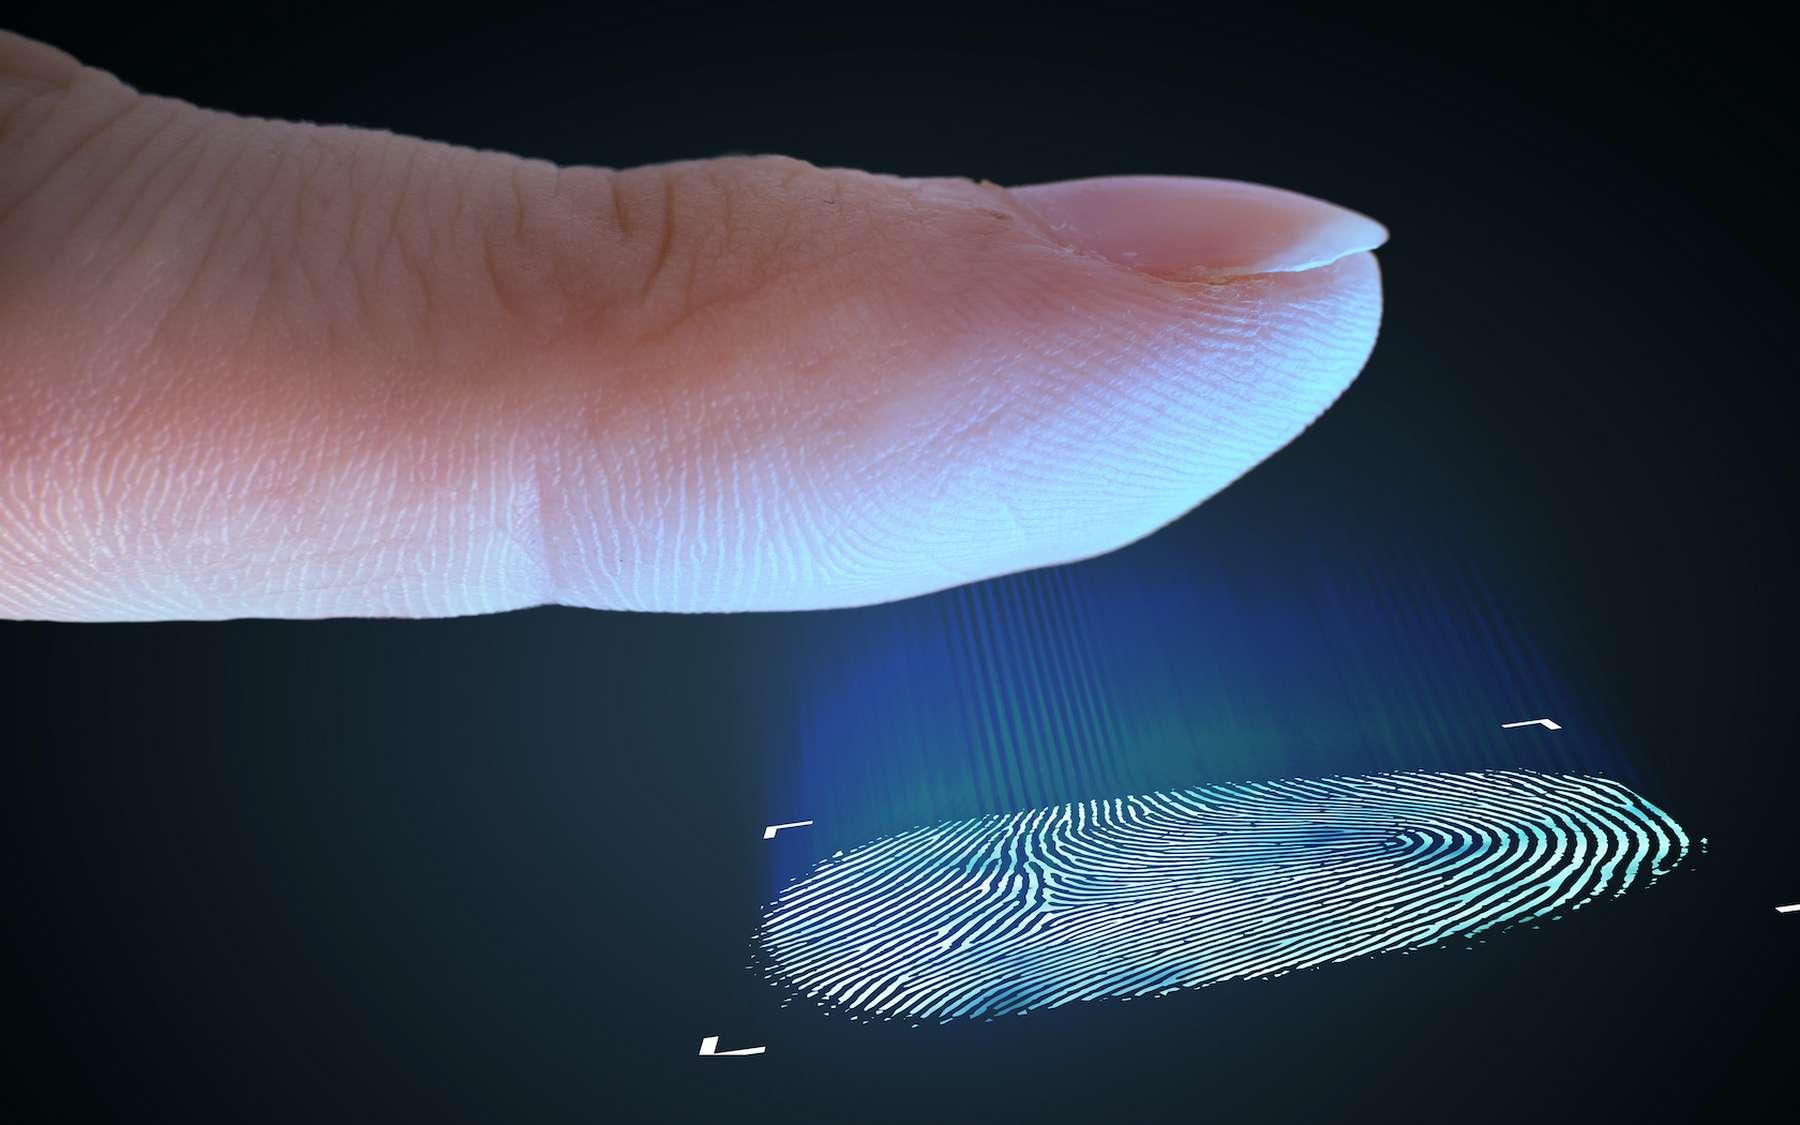 Les empreintes digitales sont utilisées comme outil biométrique dans de nombreux domaines. © vchalup, Adobe Stock